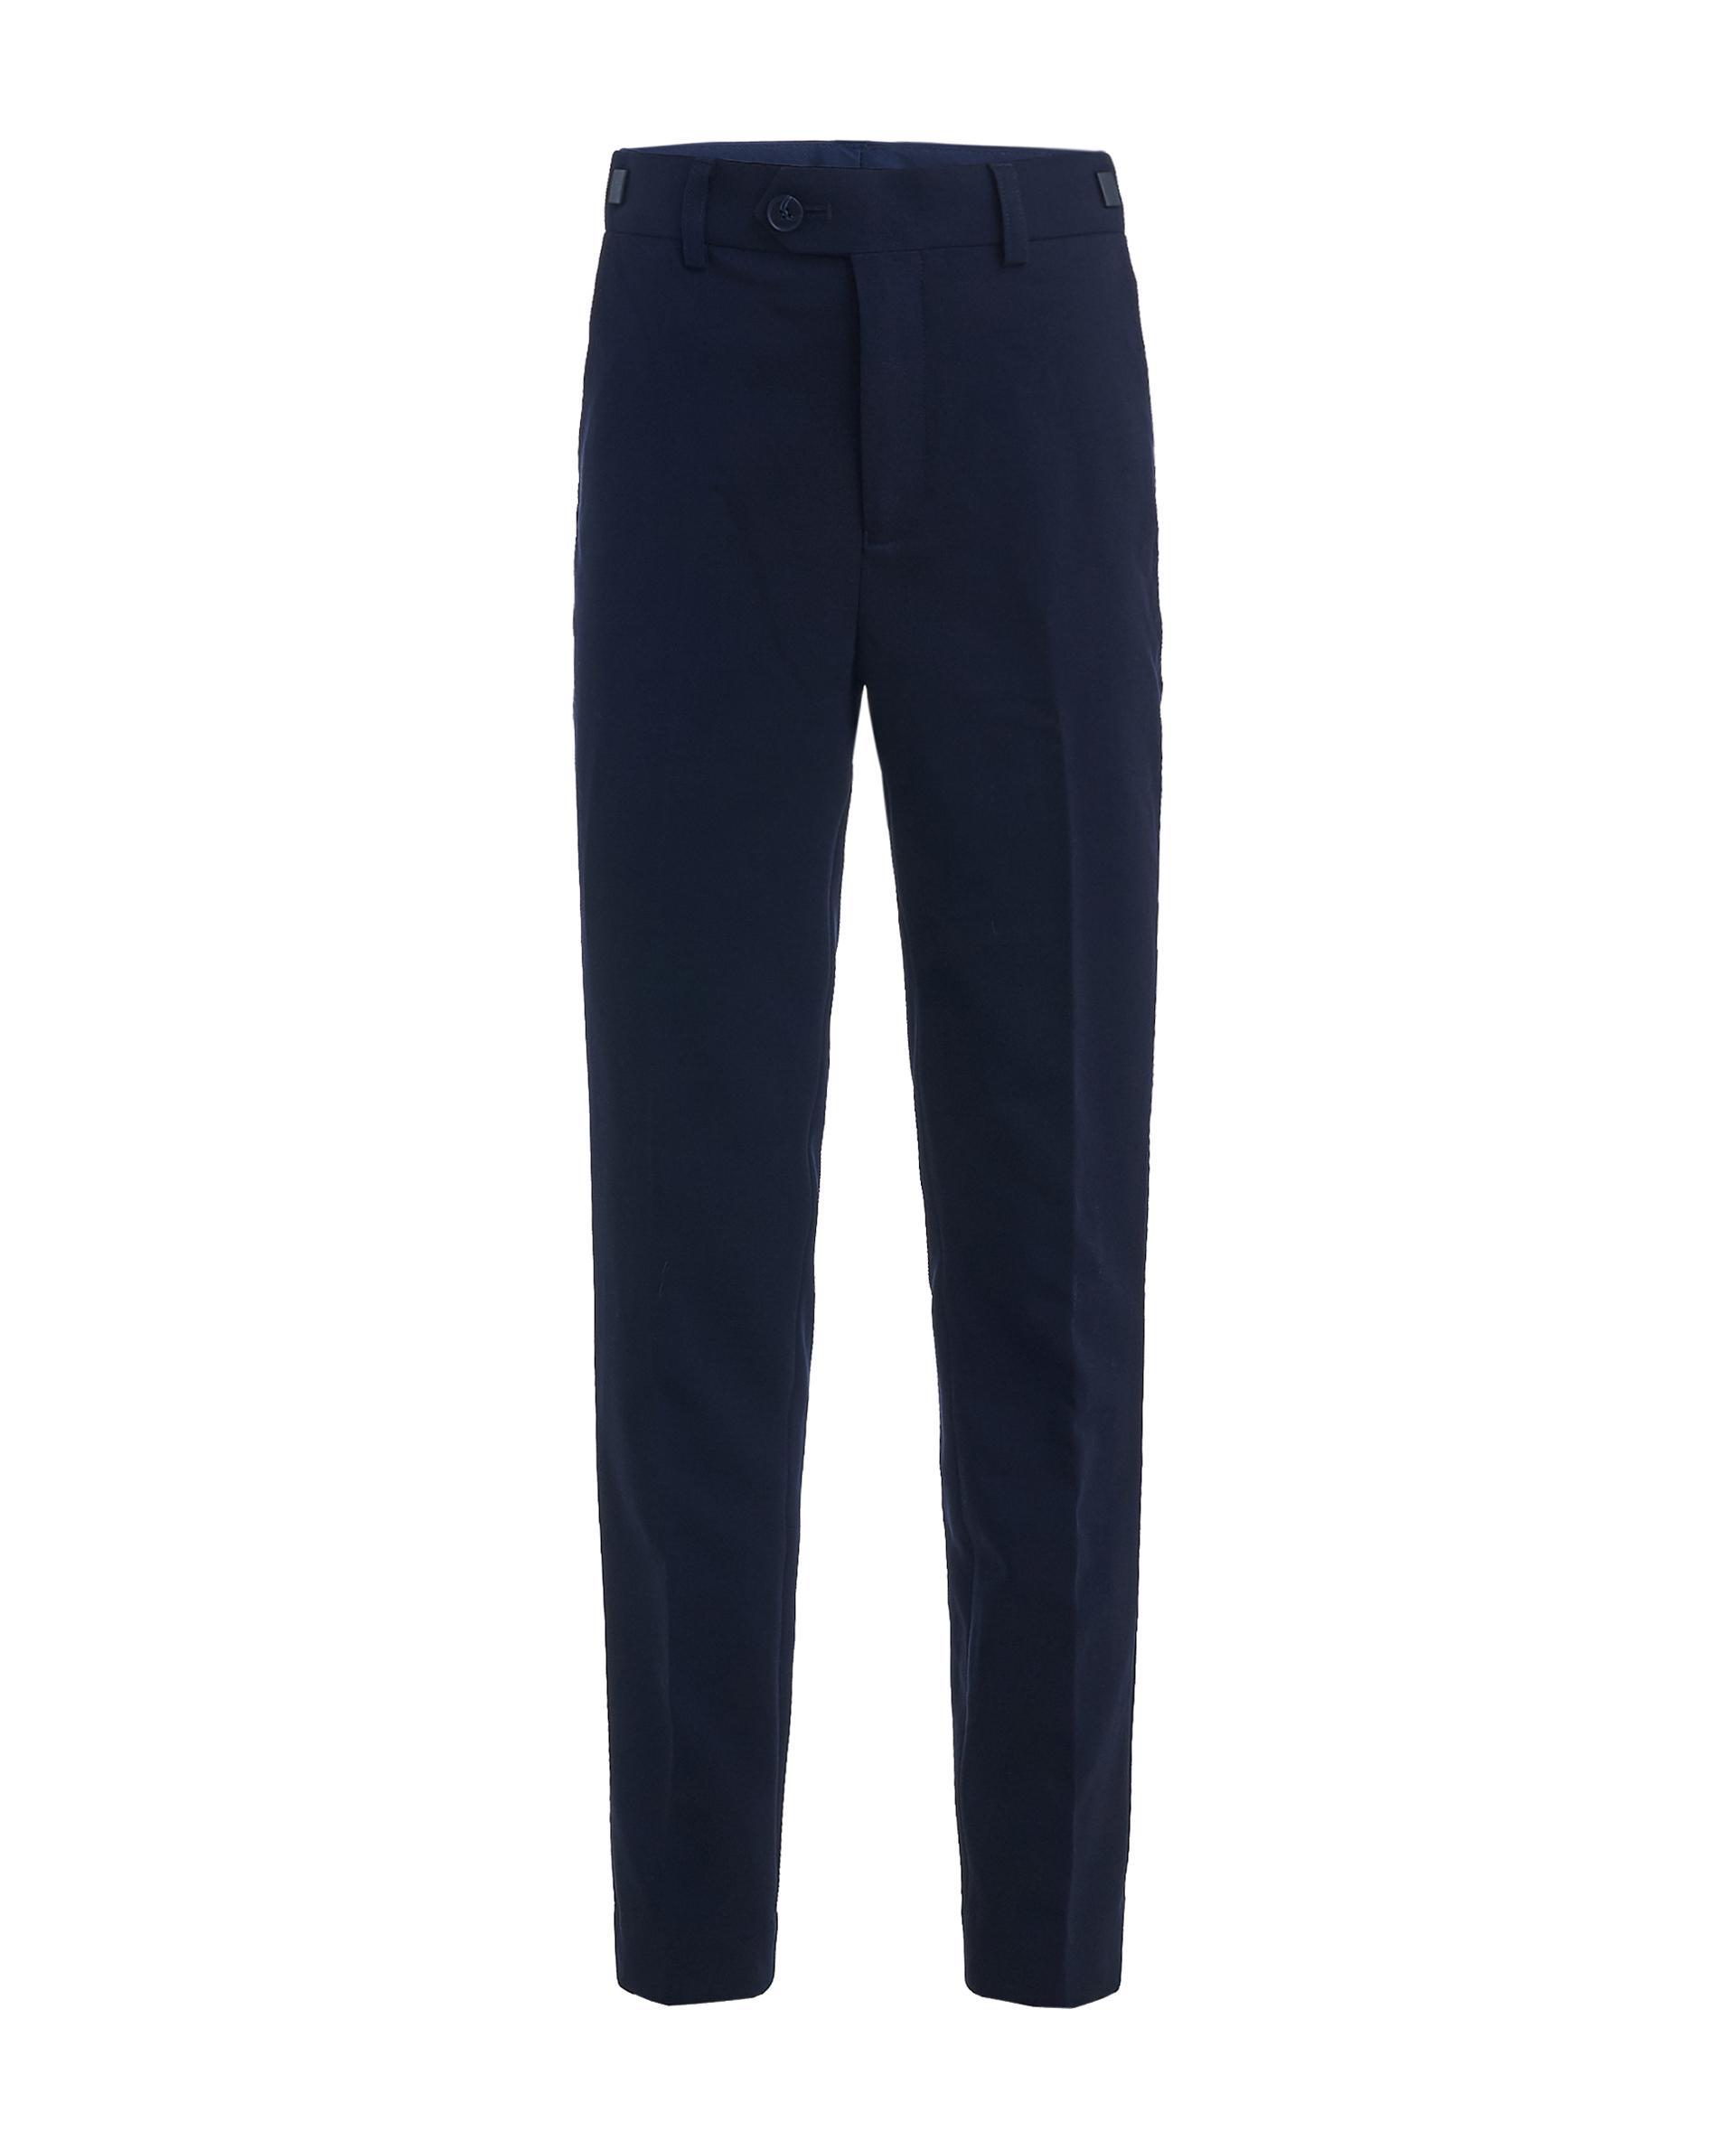 Купить 219GSBC6306, Синие брюки Gulliver, синий, 128, Мужской, ШКОЛЬНАЯ ФОРМА 2019-2020 (shop: GulliverMarket Gulliver Market)